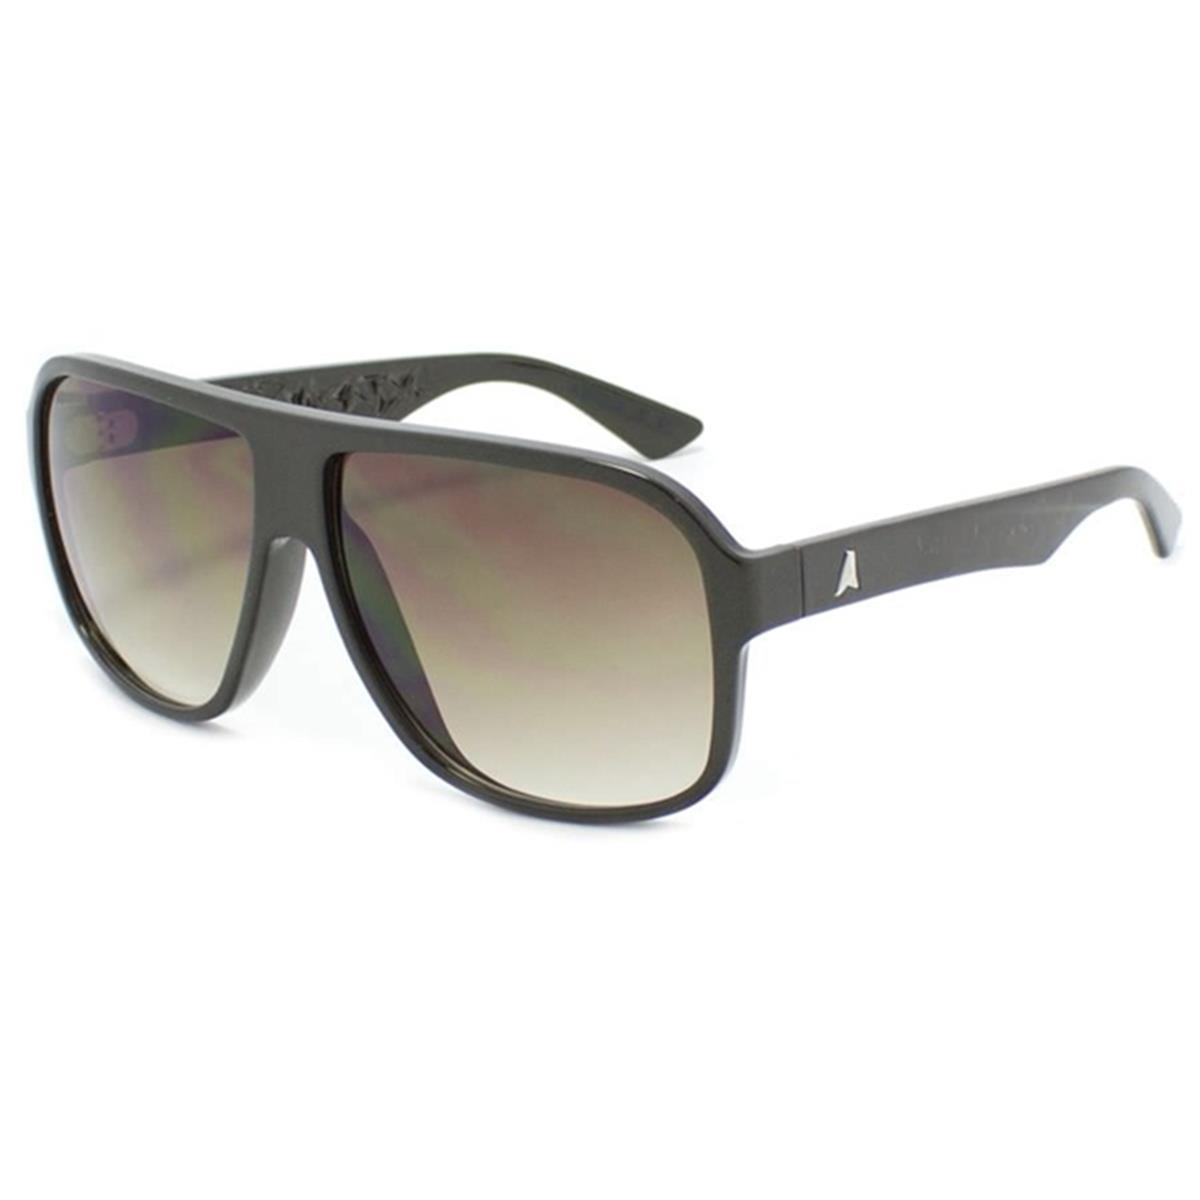 Óculos de Sol Marrom Pérola com Lente Marrom Degradê Calixto Absurda 57374faddc